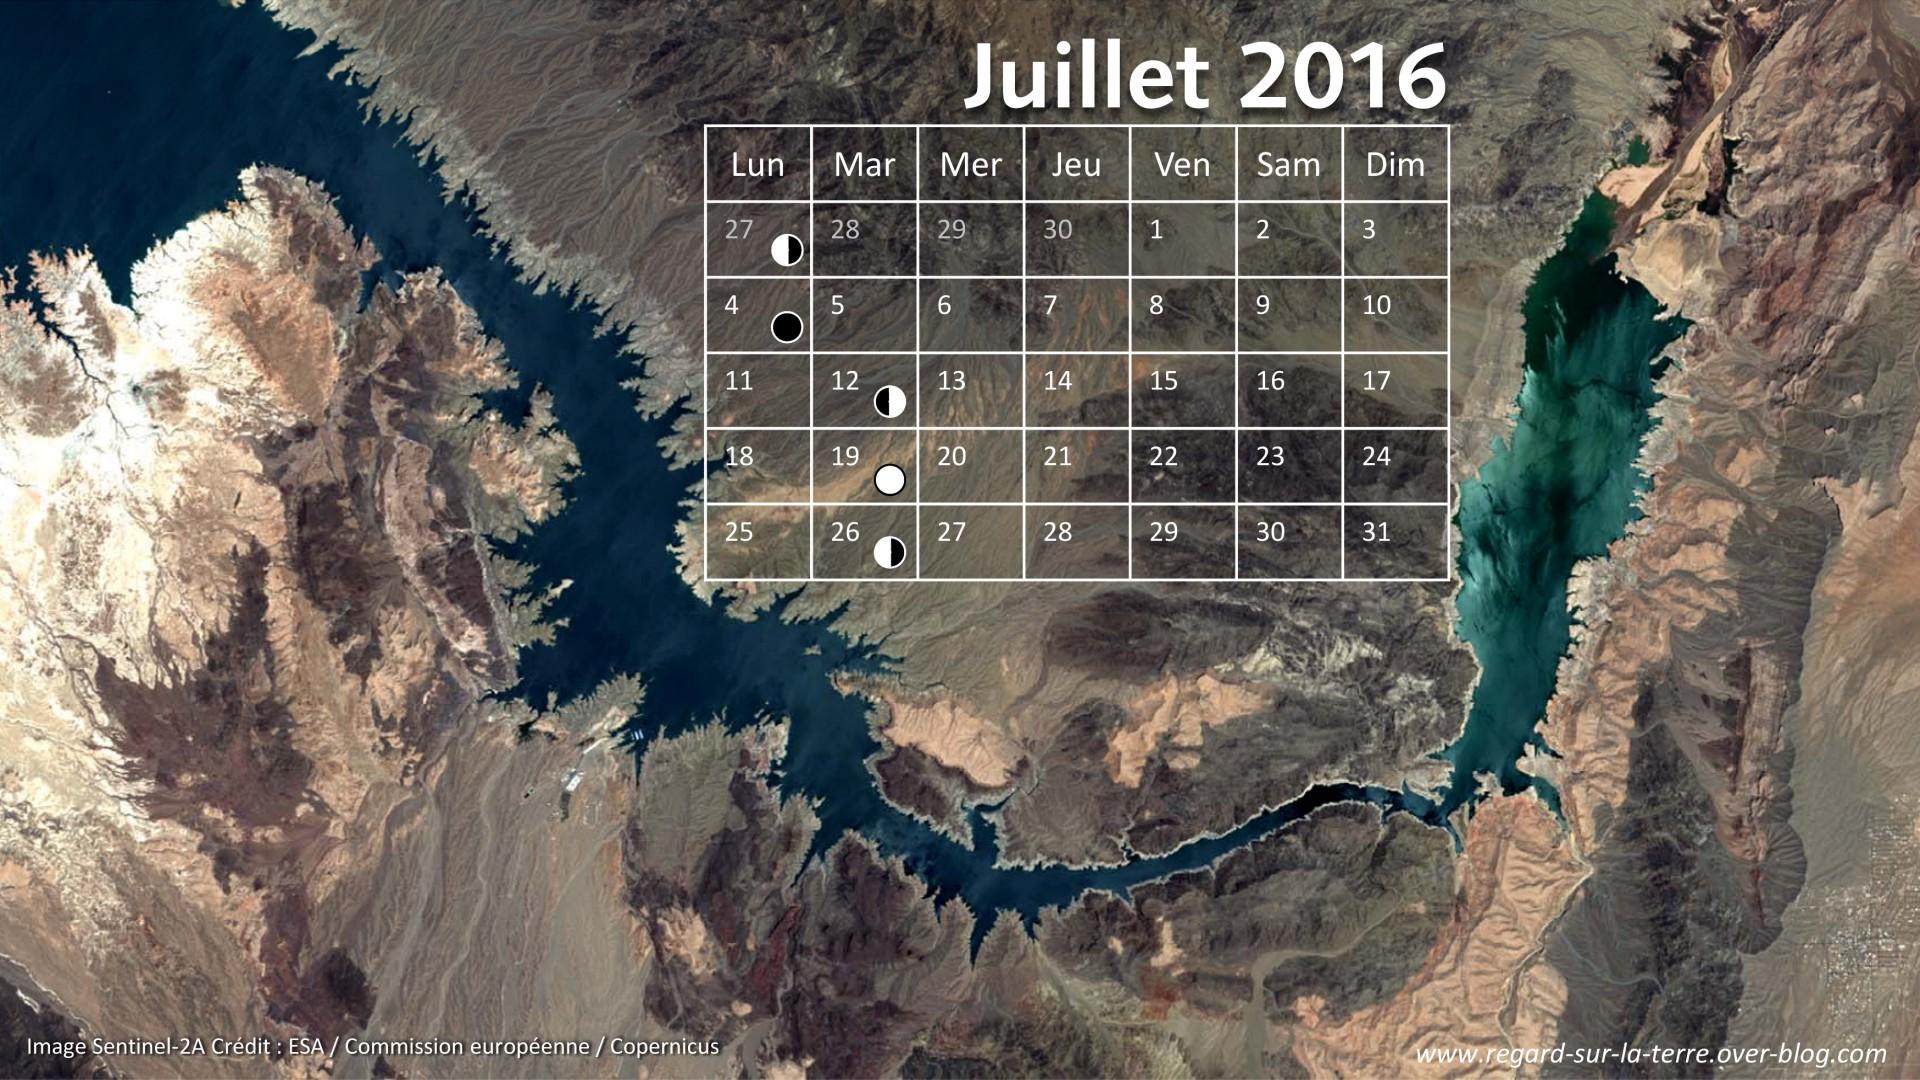 Calendrier spatial - Juillet 2016 - Lac Mead - Las Vegas - Sentinel-2 - Copernicus - ESA - Commission européenne